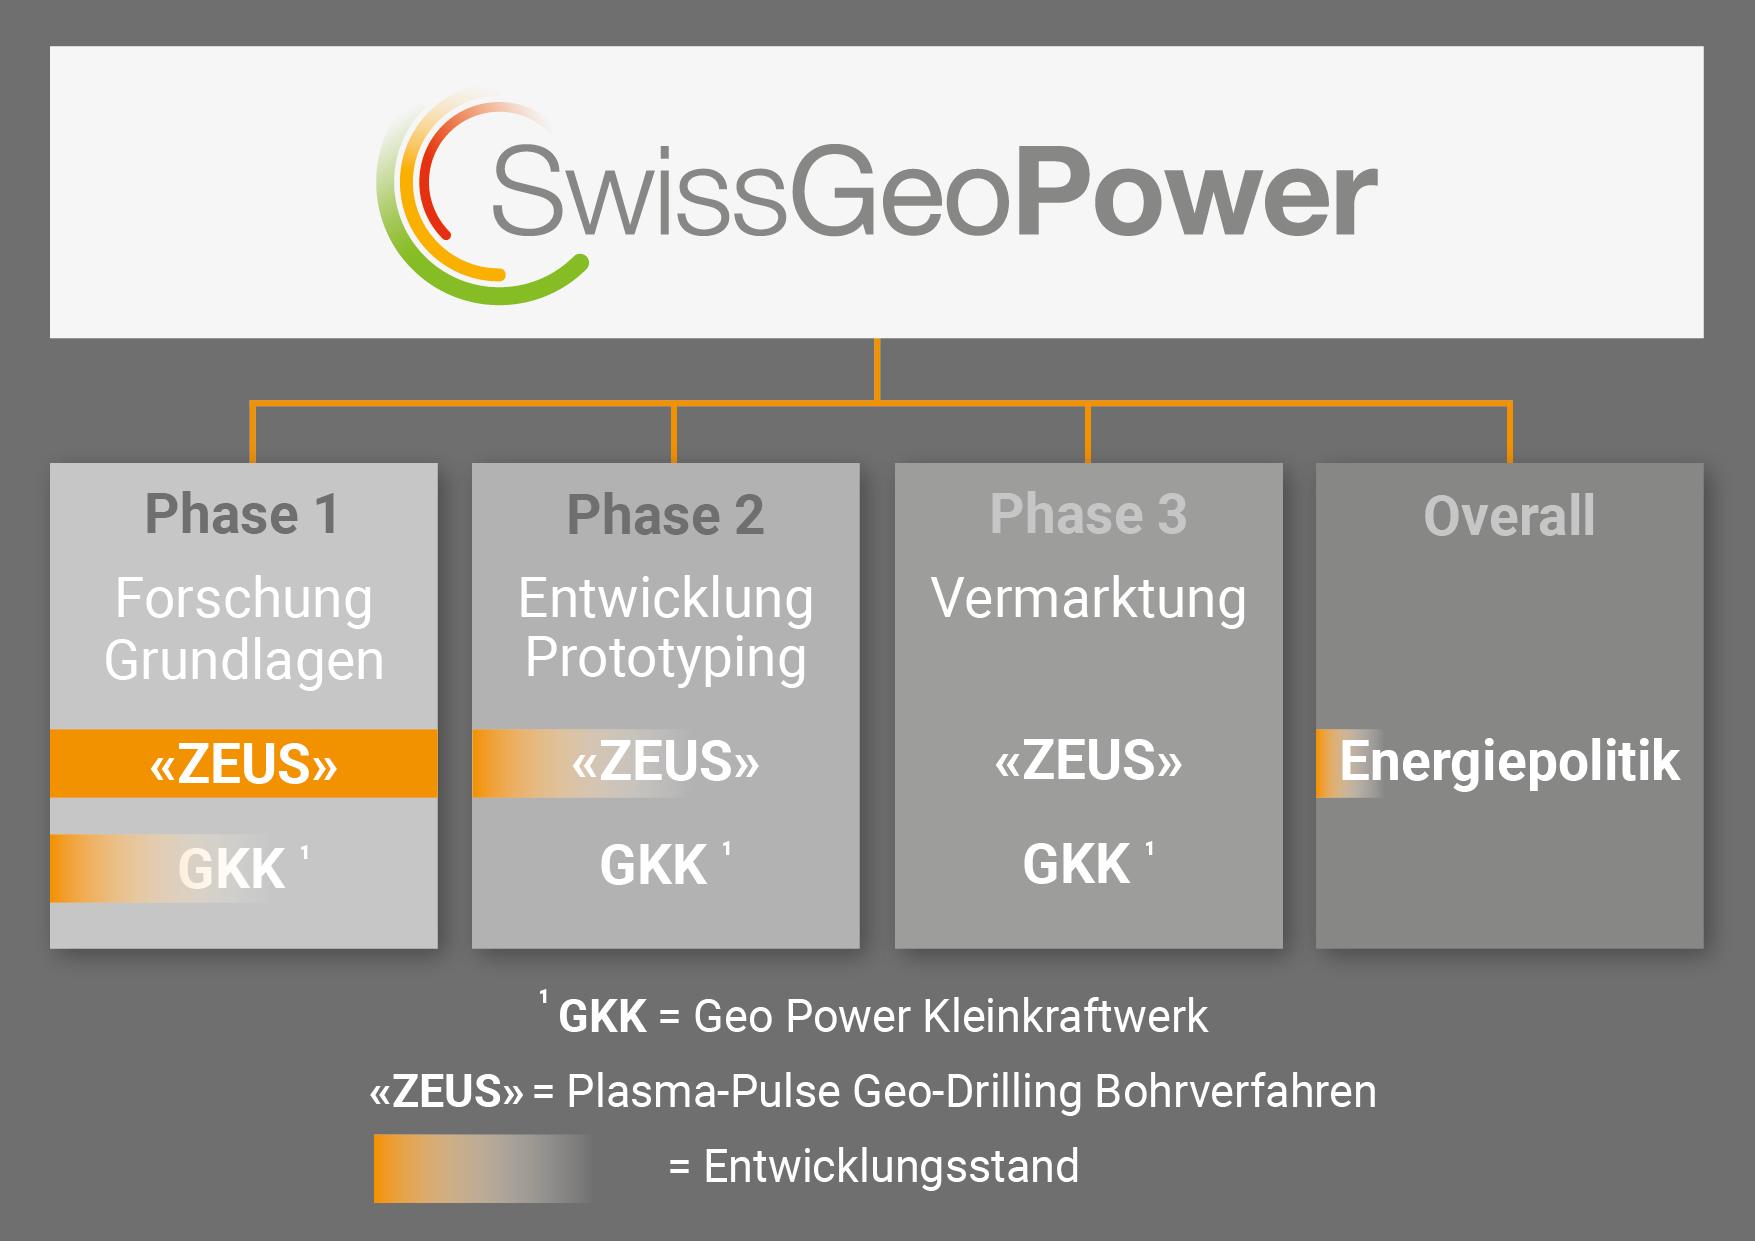 SwissGeoPower Entwicklungs-Zeitplan